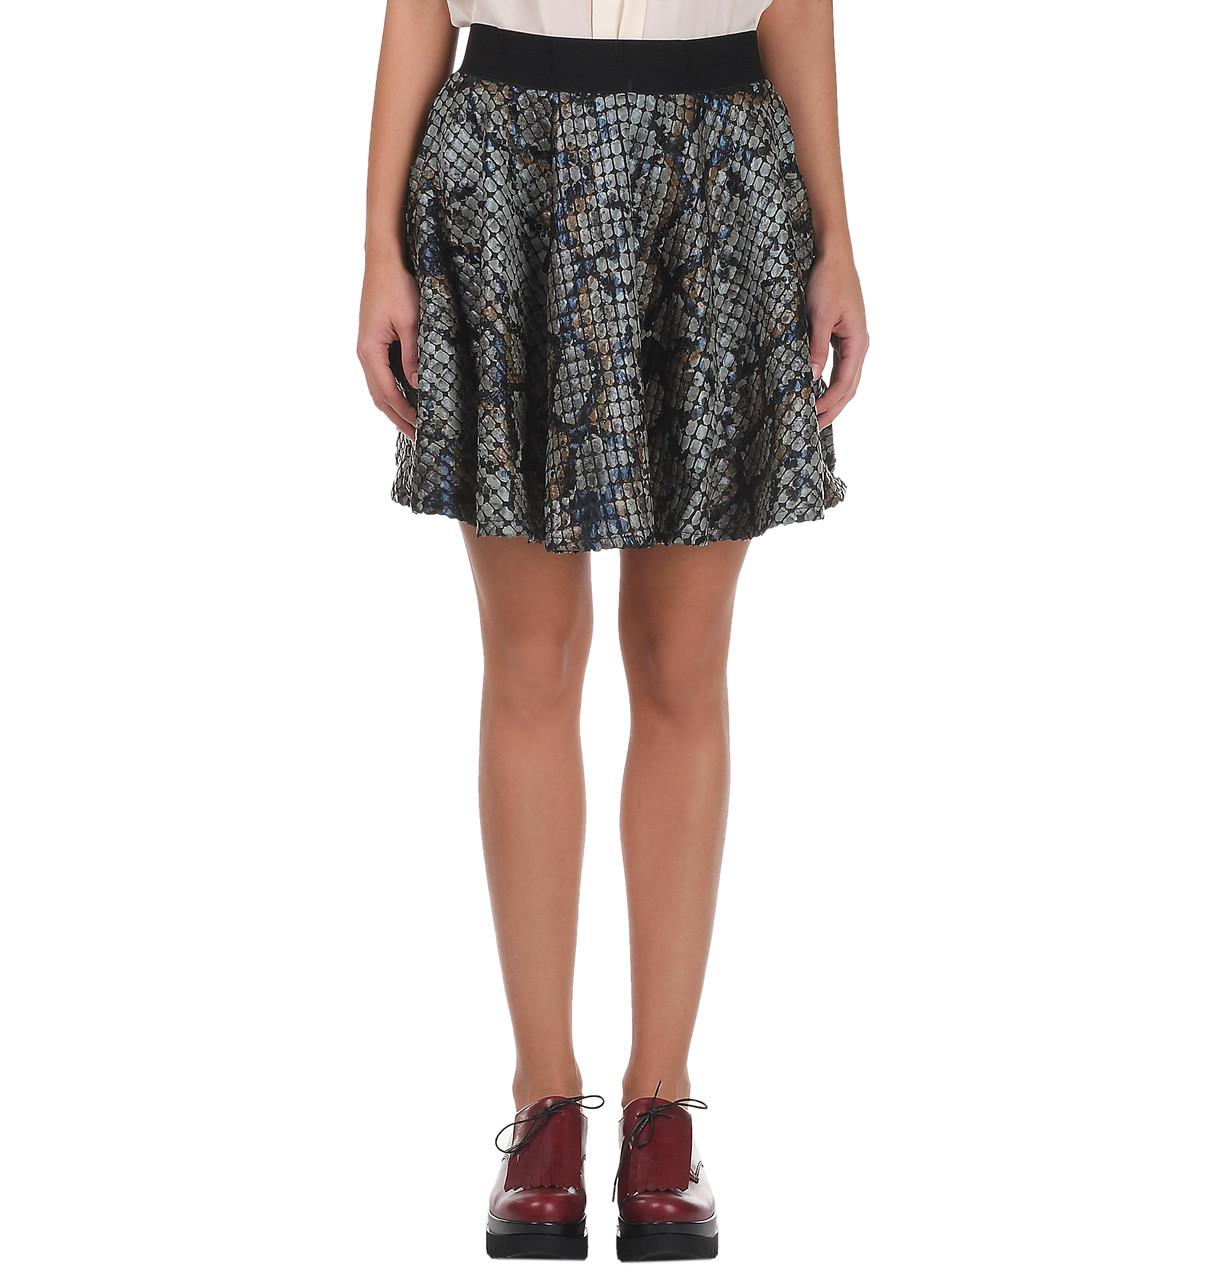 Γυναικεία   Ρούχα   Φούστες   Καθημερινές   Γυναικεία φούστα Gaudi ... e40306f6b80